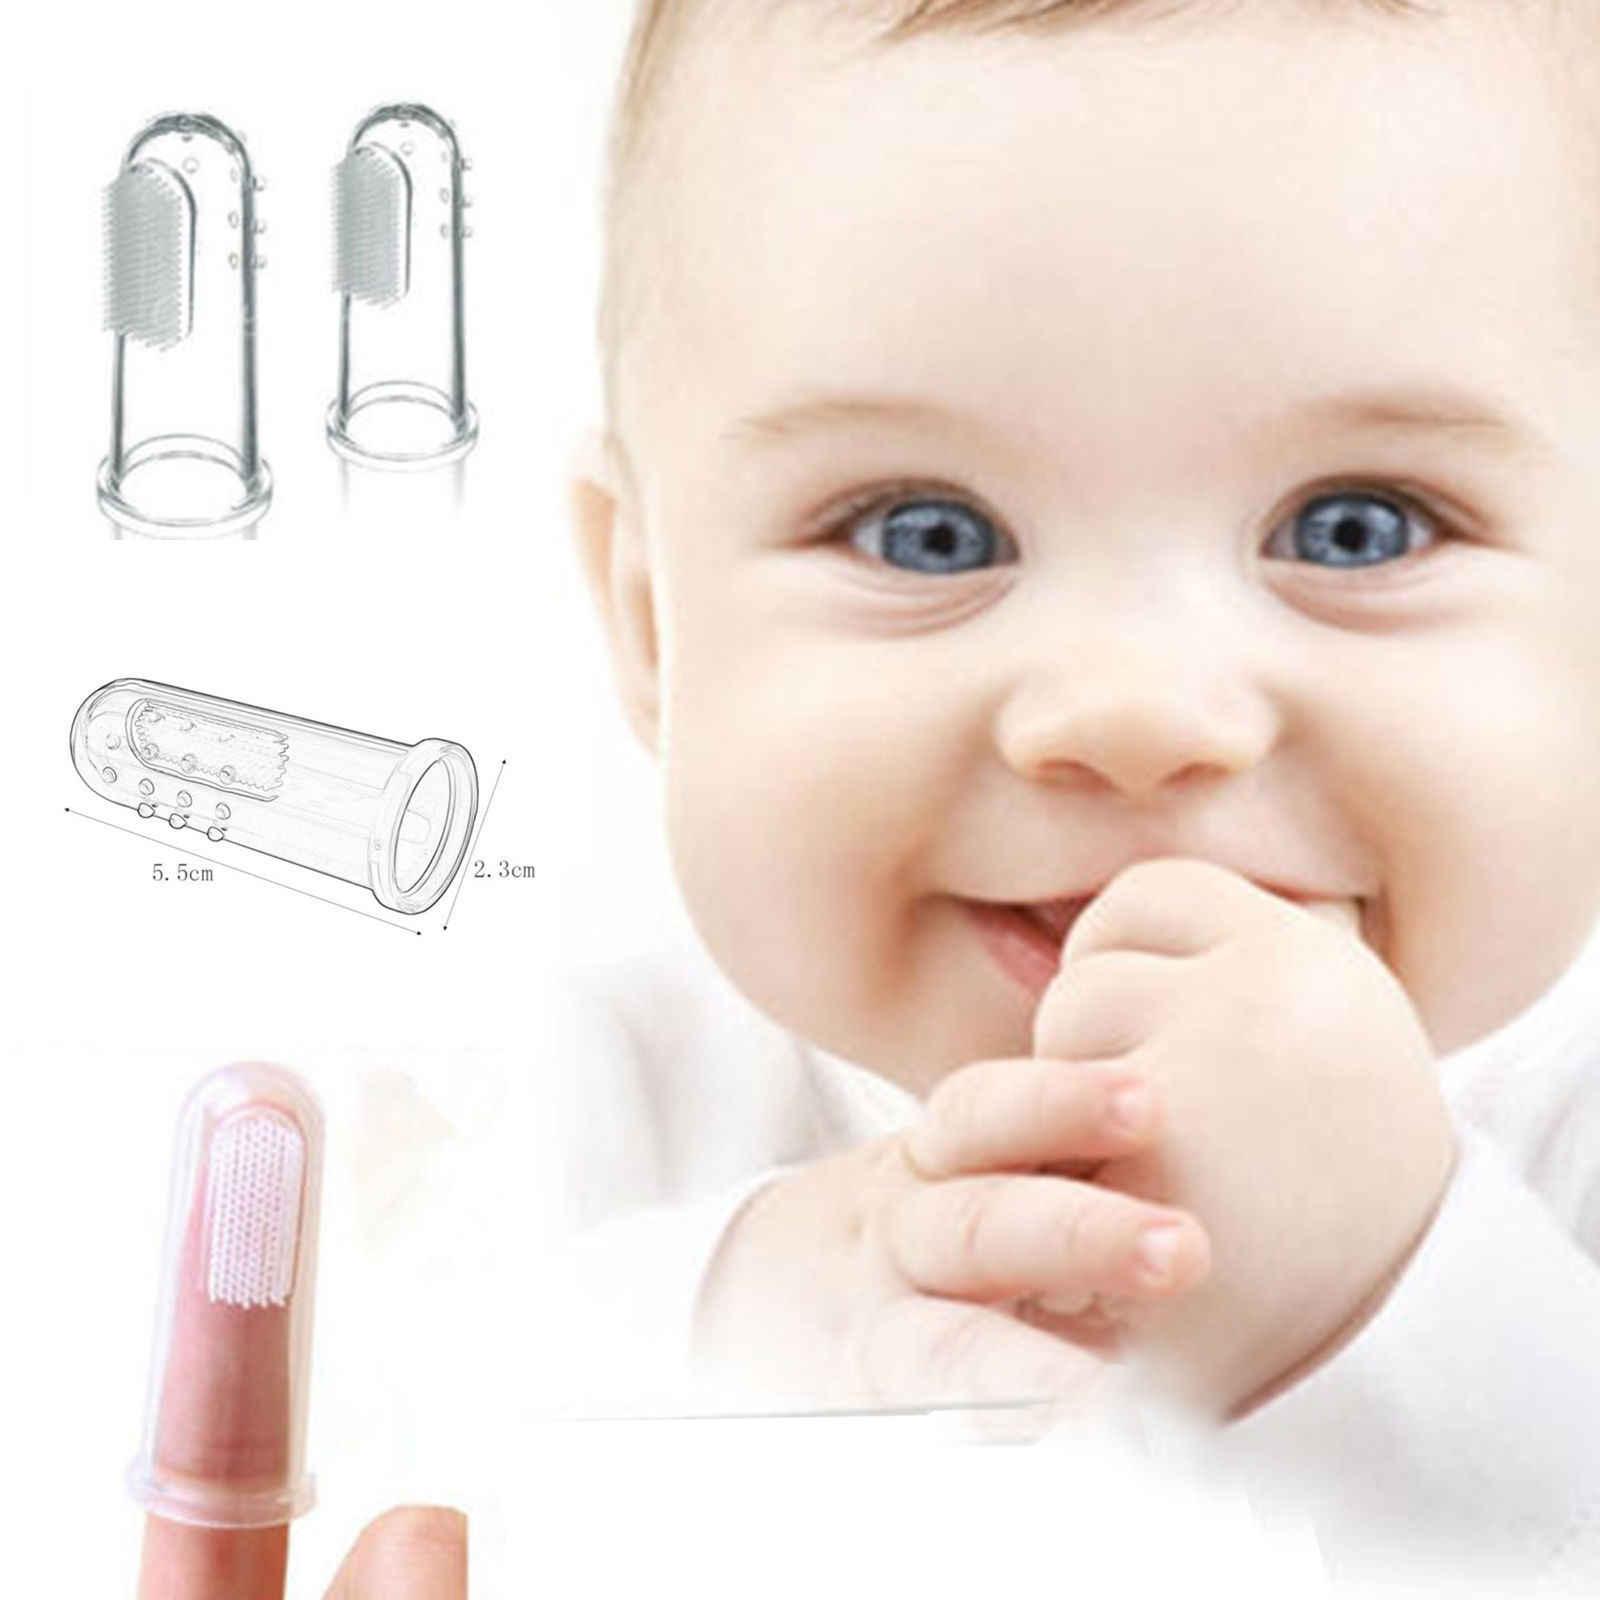 1 Pcs przydatne zdrowe dzieci dziecko niemowlę miękkie silikonu Finger szczoteczka do zębów zęby gumy masażu szczotka z pudełkiem